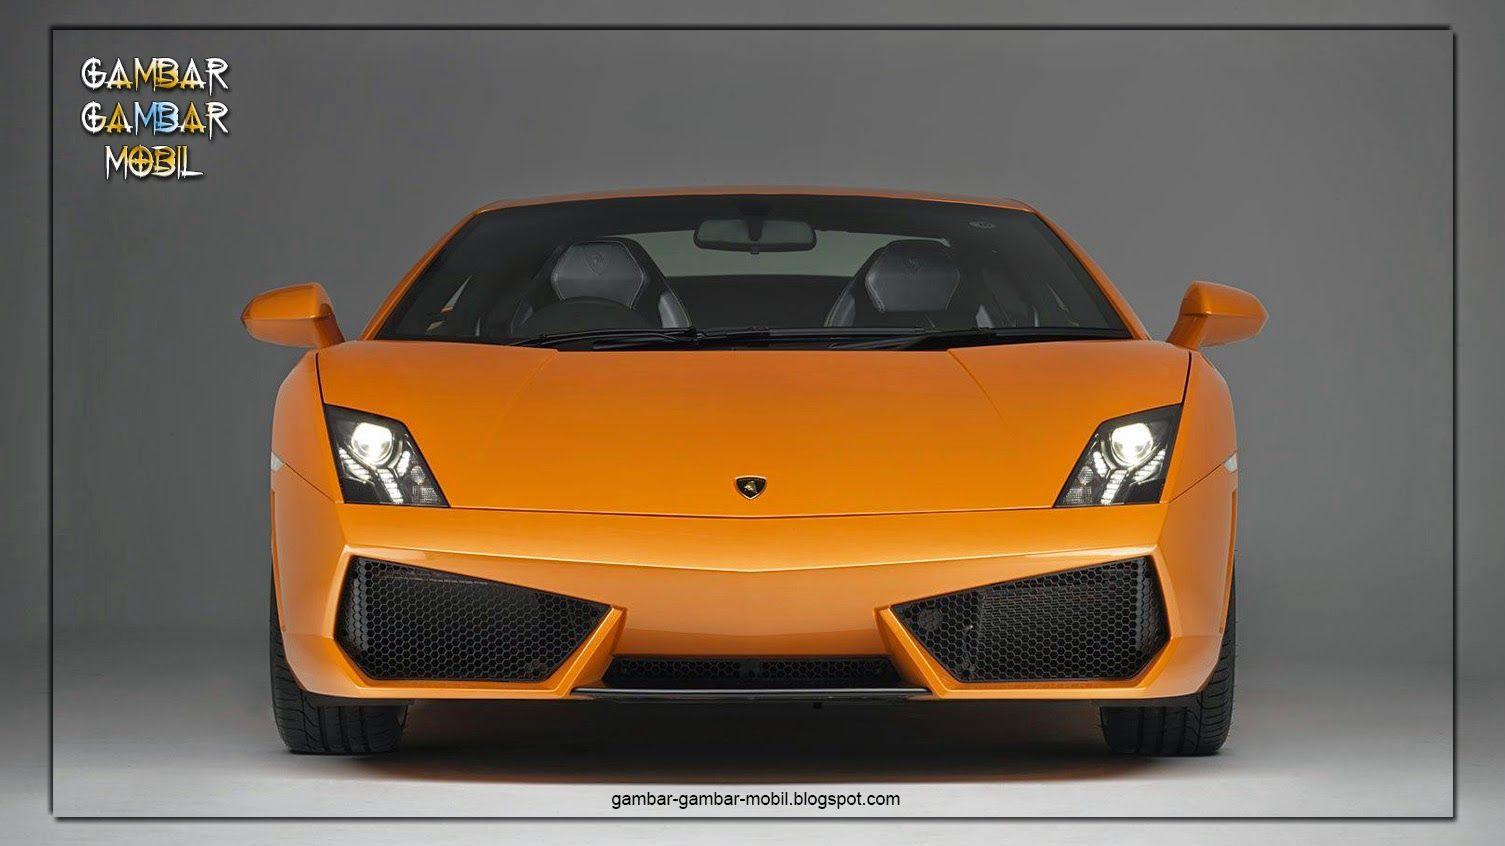 Gambar Mobil Balap Gallardo Lp 550 2 Lamborghini Gallardo